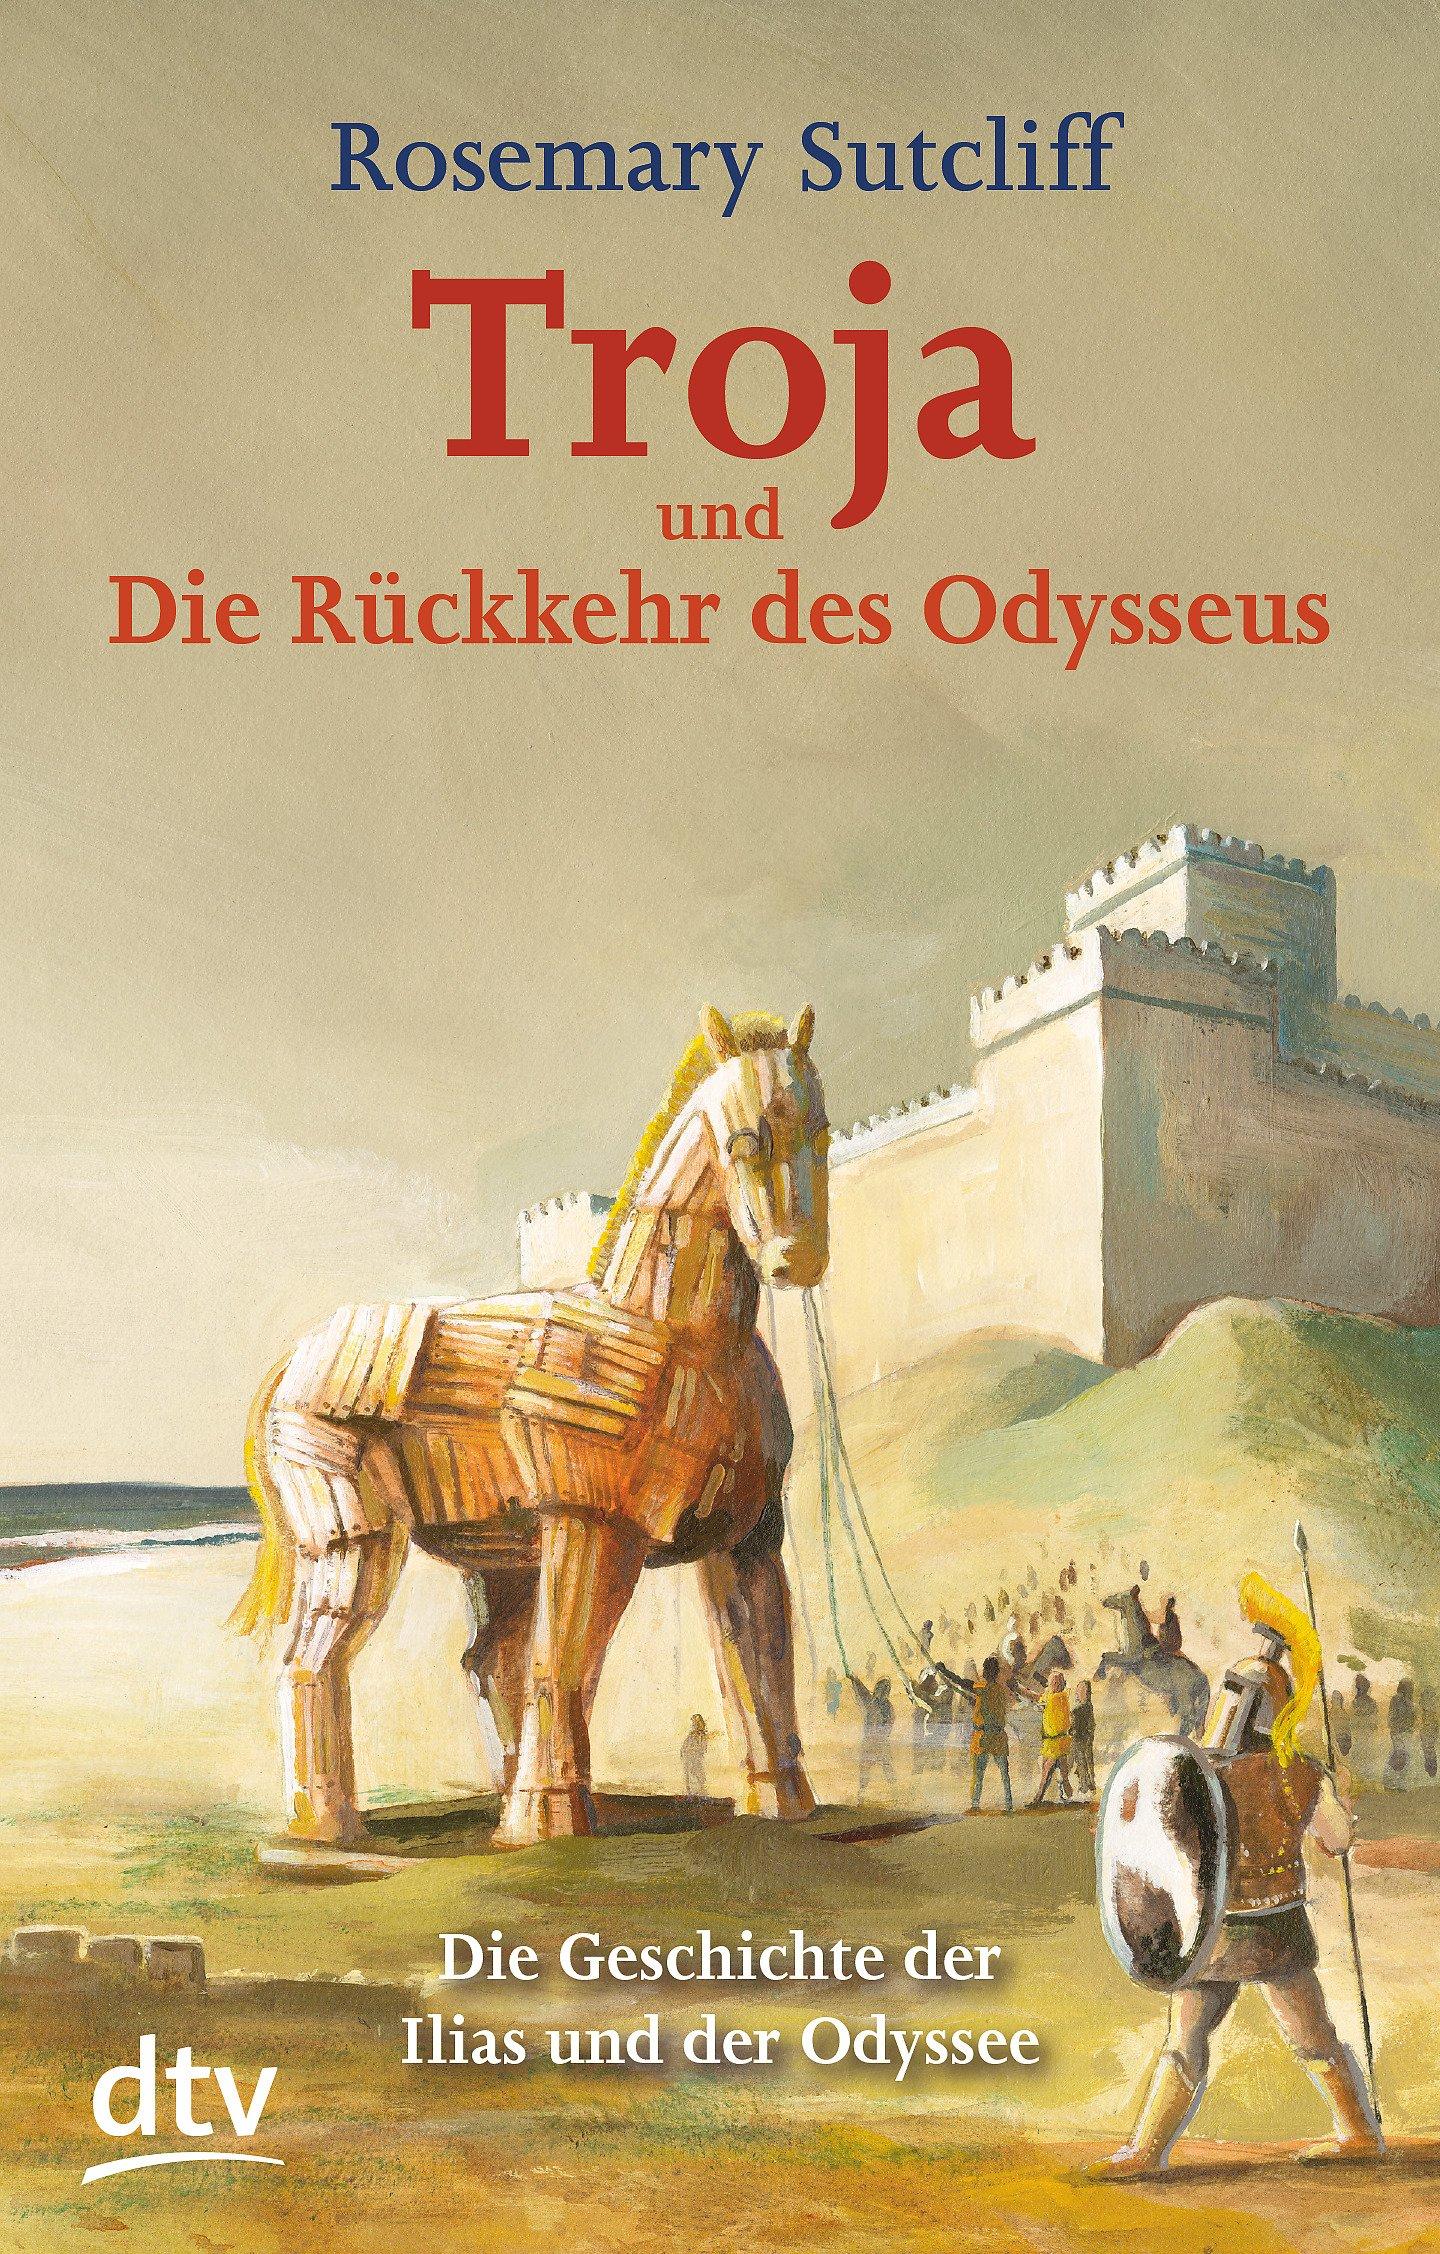 Troja und die Rückkehr des Odysseus: Die Geschichte der Ilias und der Odyssee